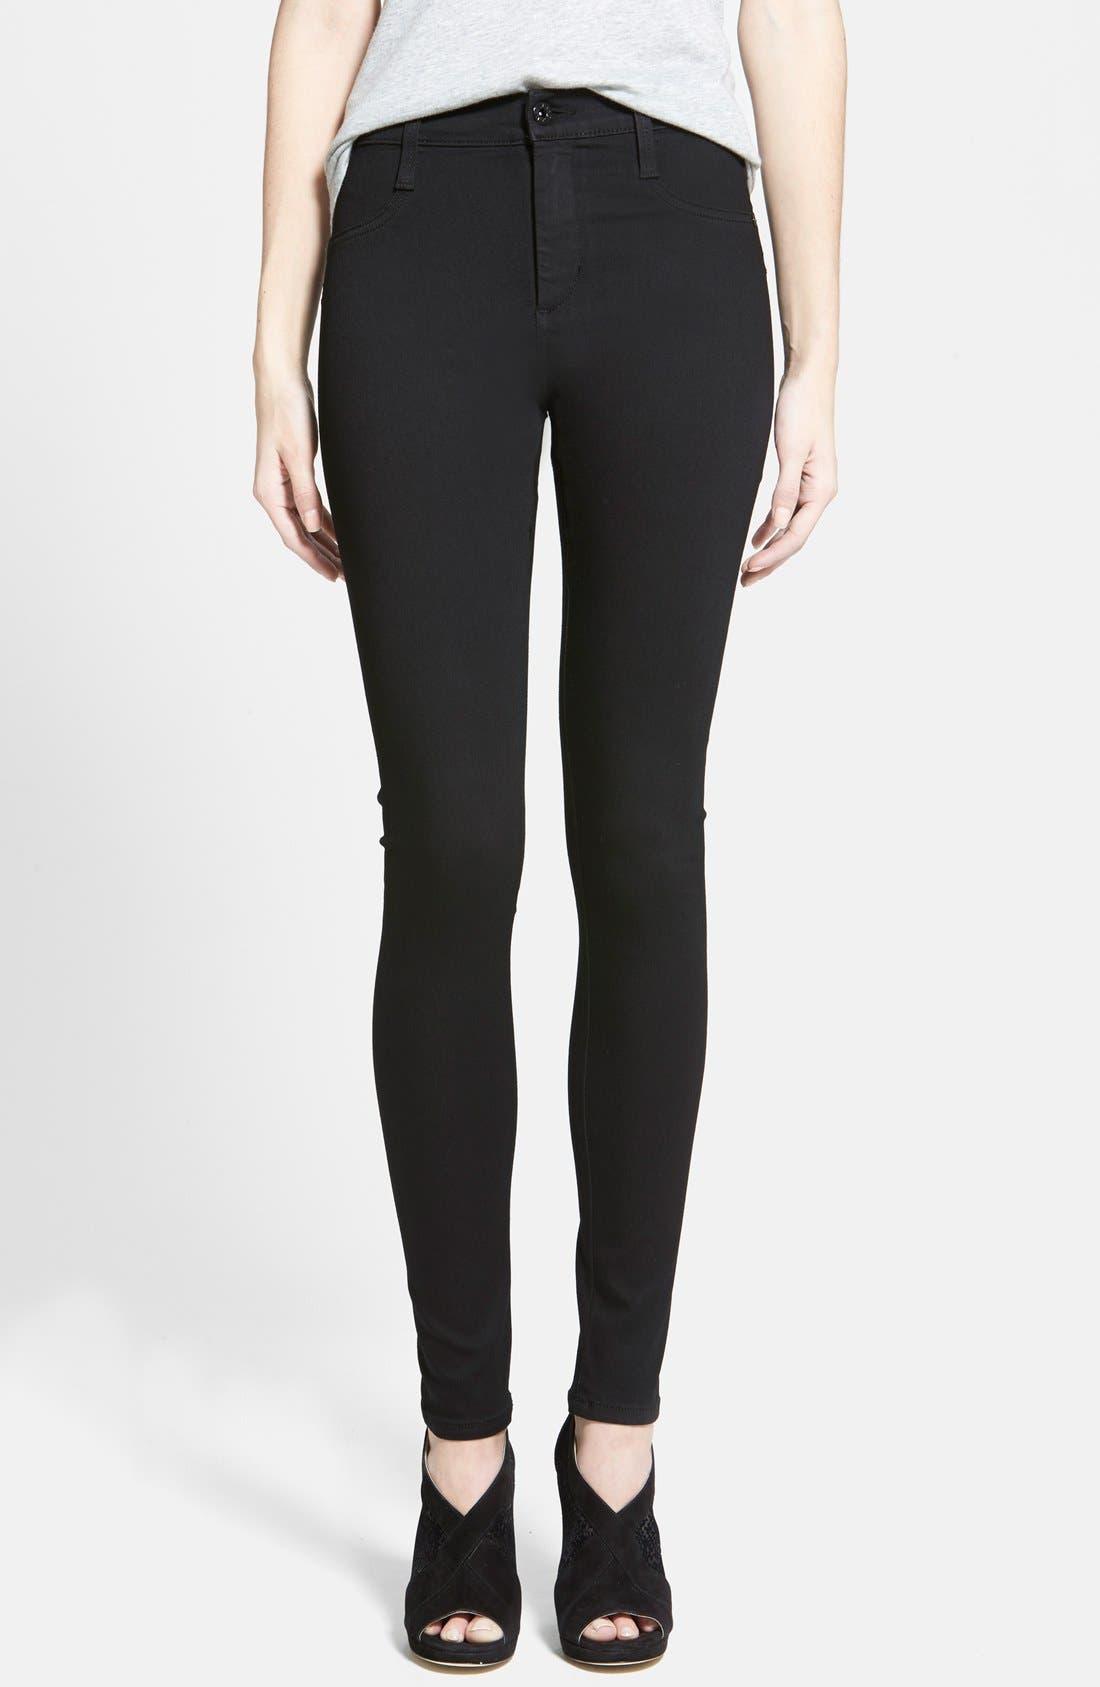 Seamless Yoga Leggings, Main, color, 001